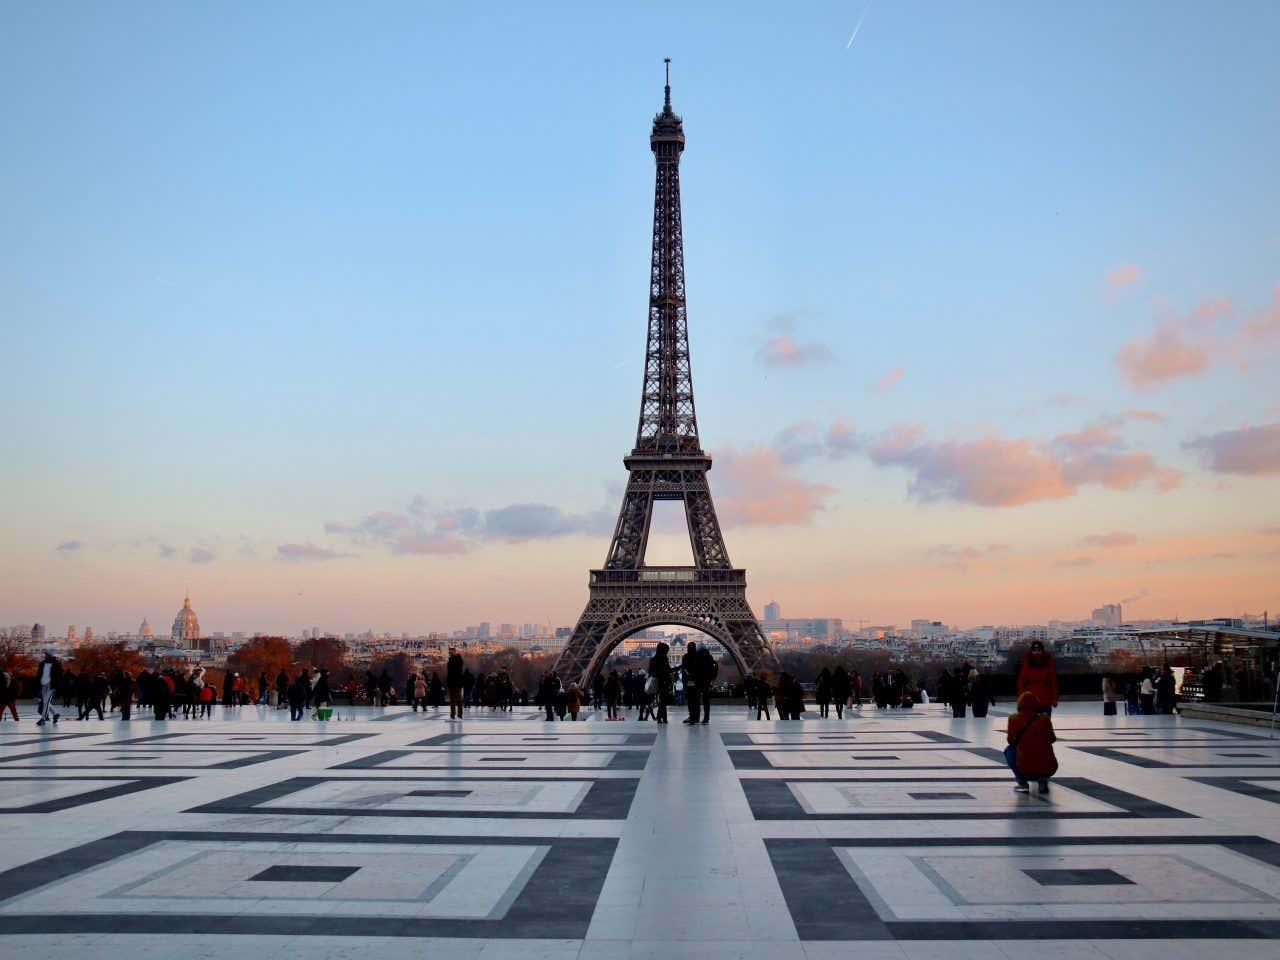 La tour Eiffel à Paris, l'une des villes incontournables de Paris.